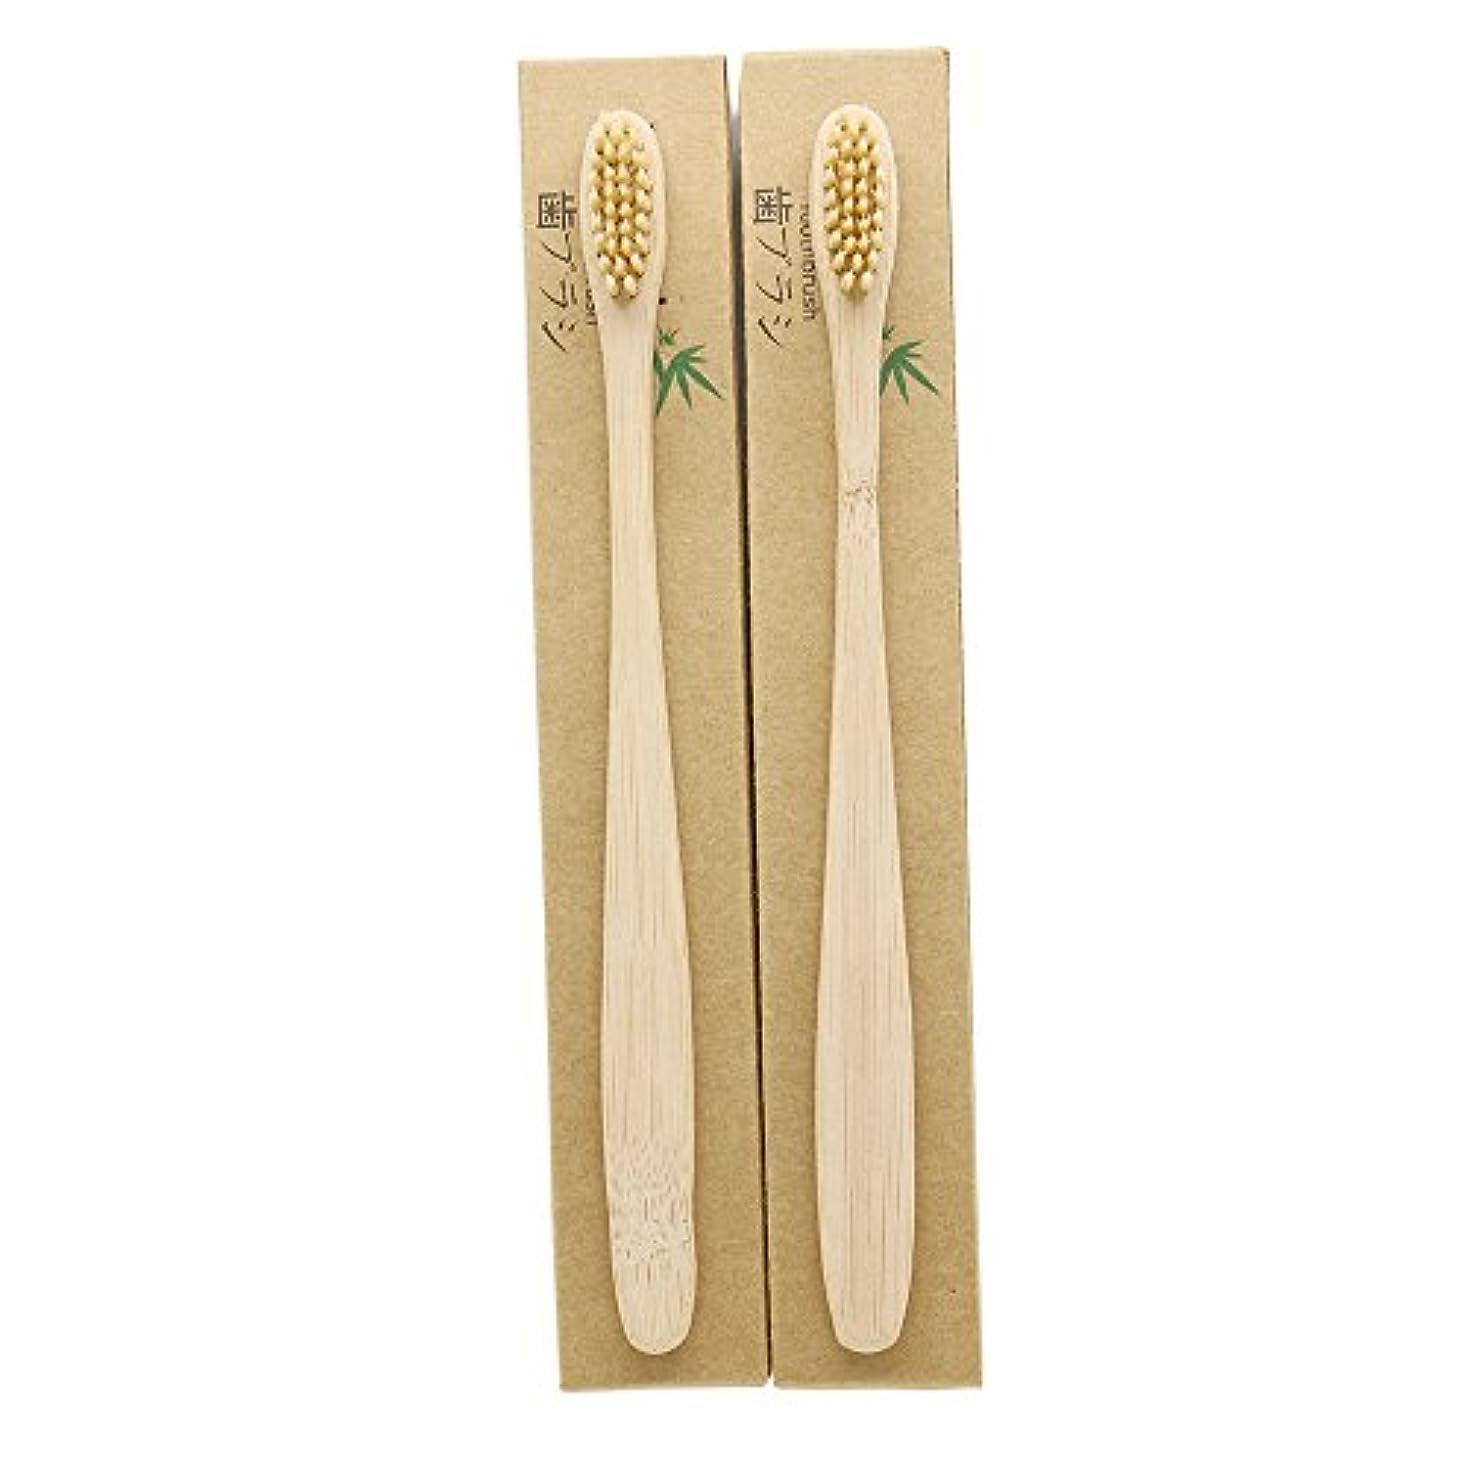 エキスパートアセンブリ噛むN-amboo 竹製耐久度高い 歯ブラシ 2本入り セット エコ ヘッド小さい クリ—ム色